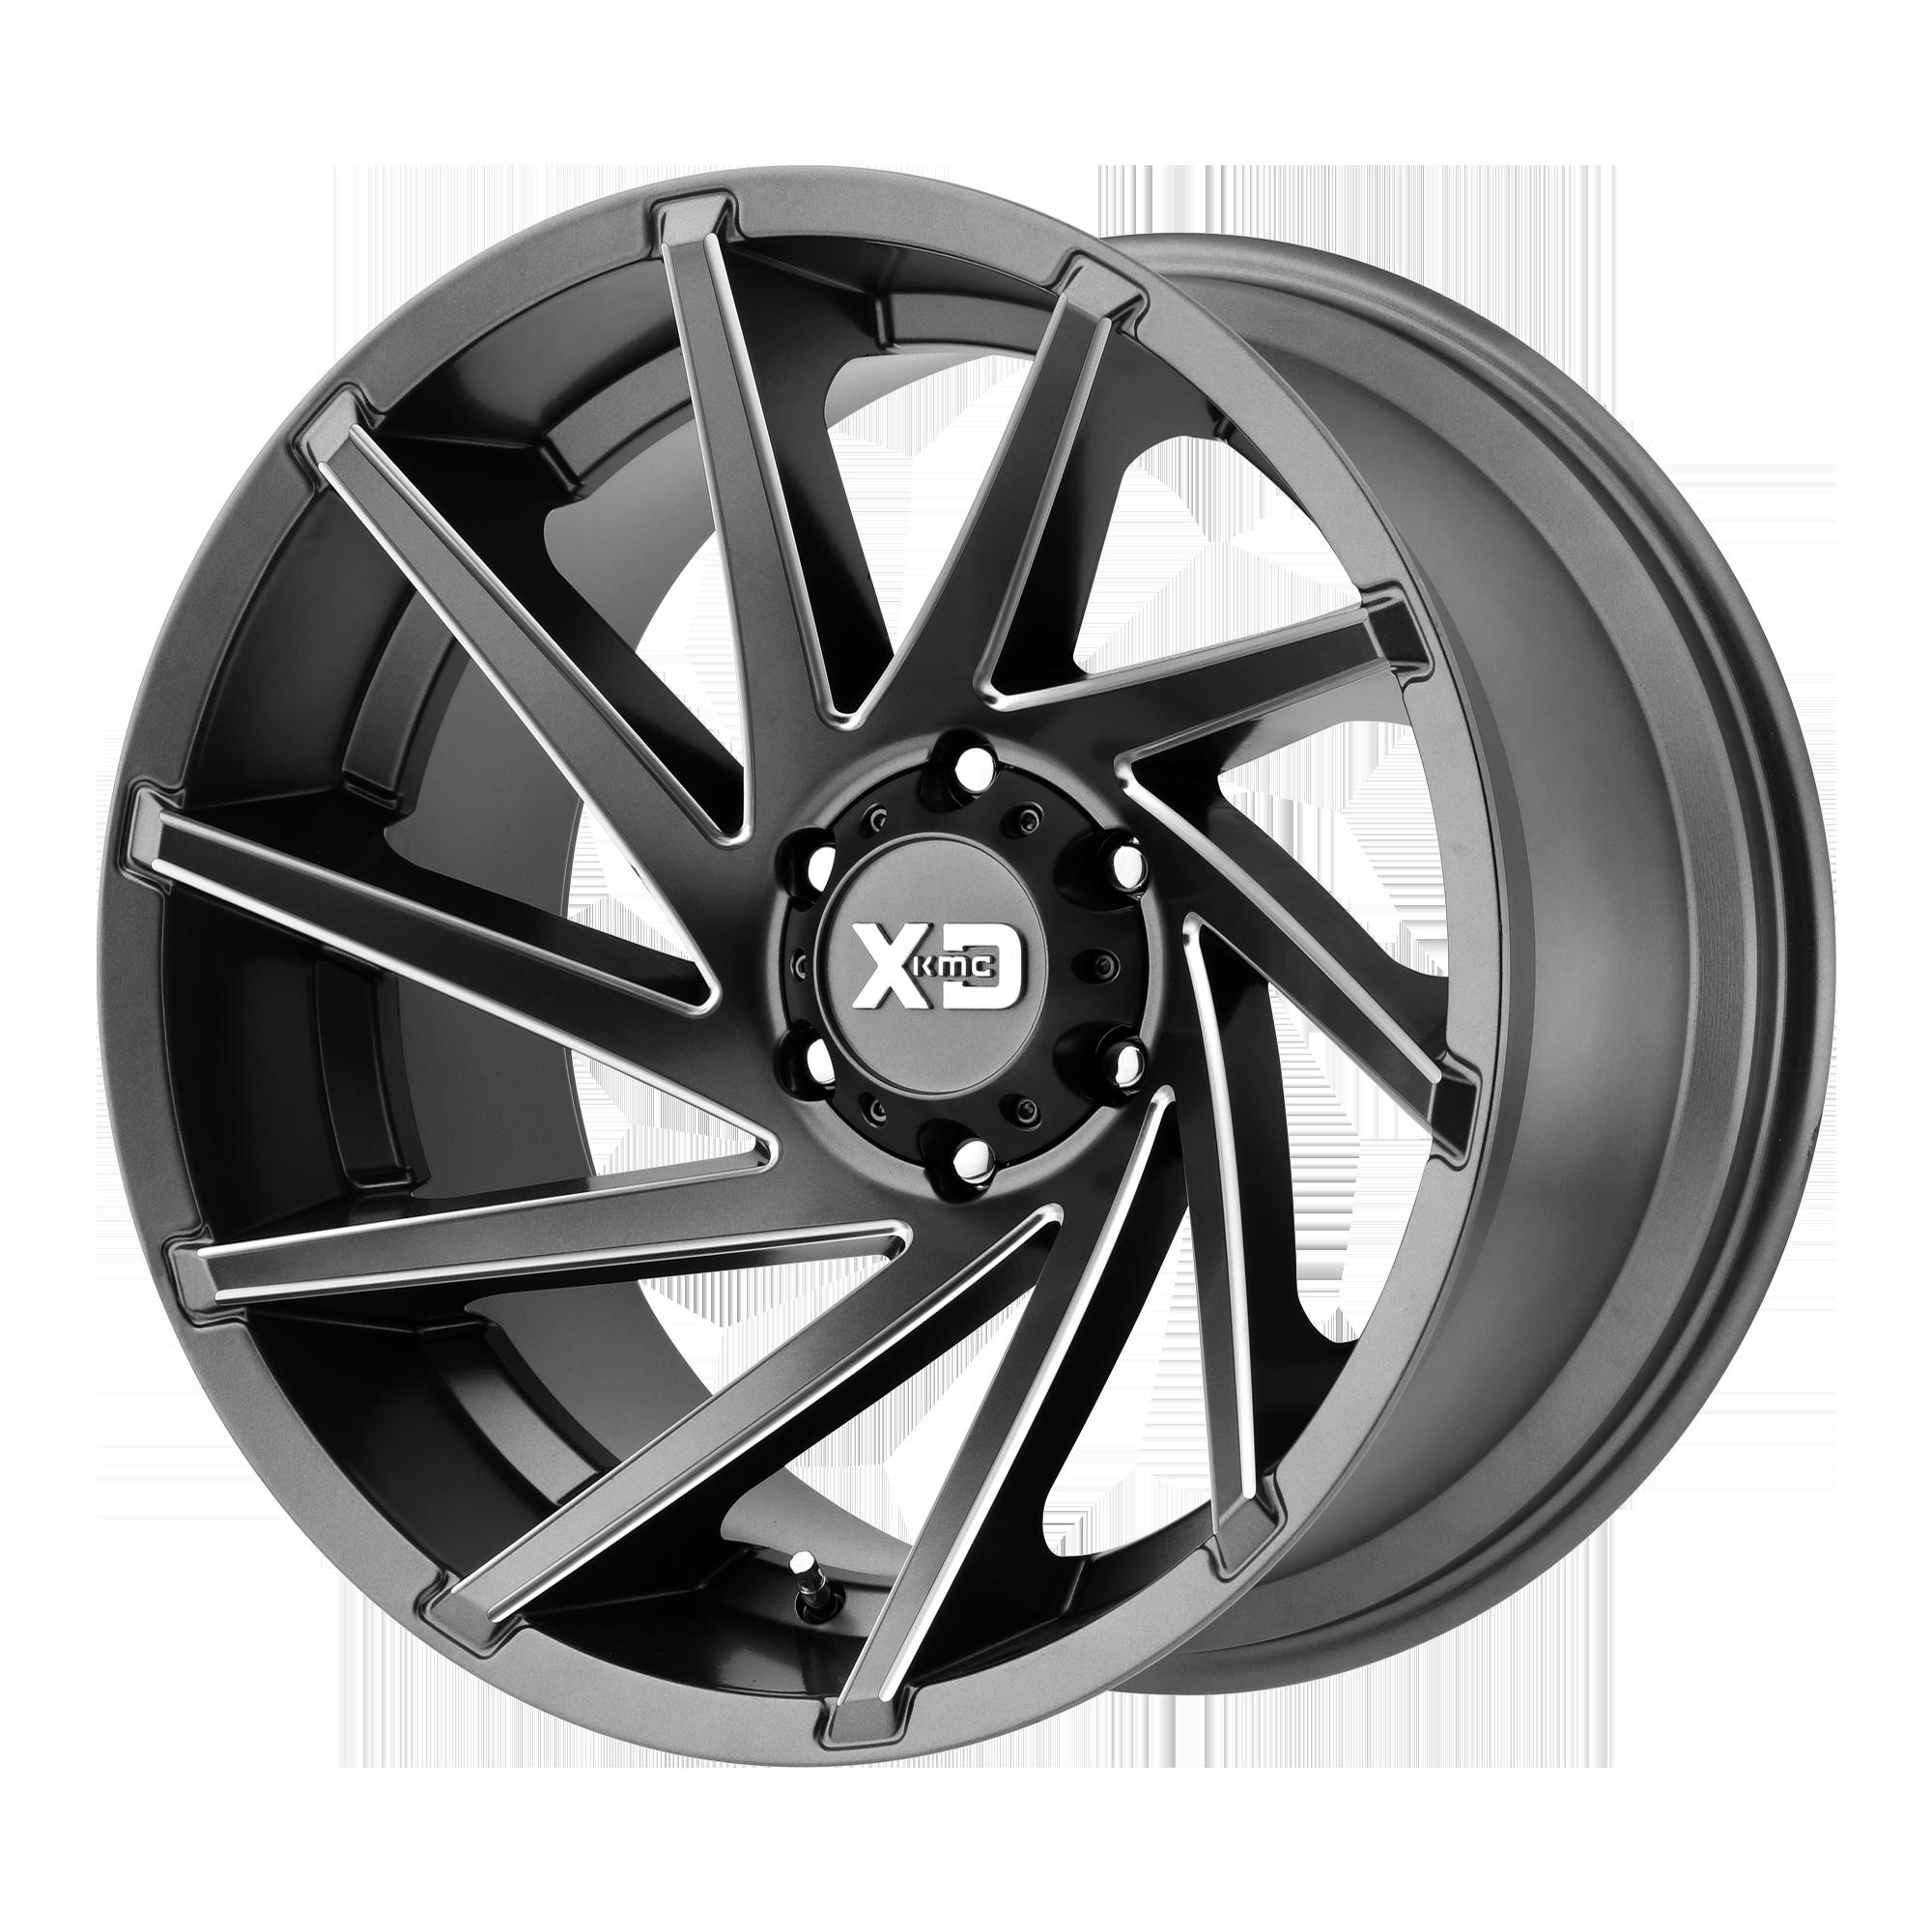 XD SERIES XD834 CYCLONE hliníkové disky 9x20 6x139,7 ET18 Satin Gray Milled